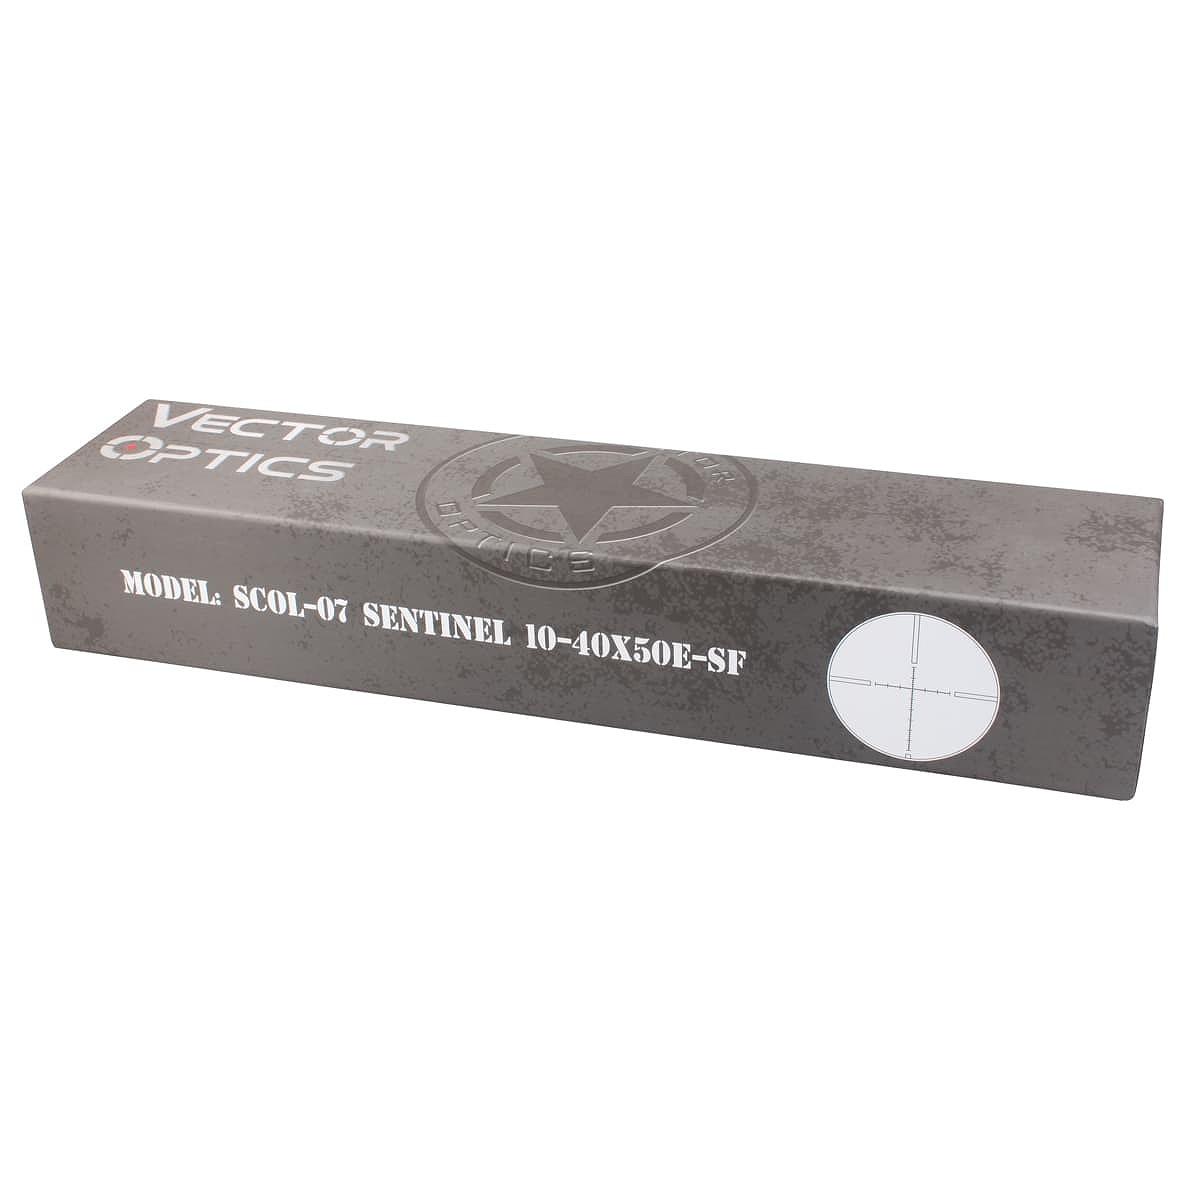 【お届け予定日: 4月30日】ベクターオプティクス ライフルスコープ Sentinel 10-40x50 GenII  Vector Optics SCOL-07